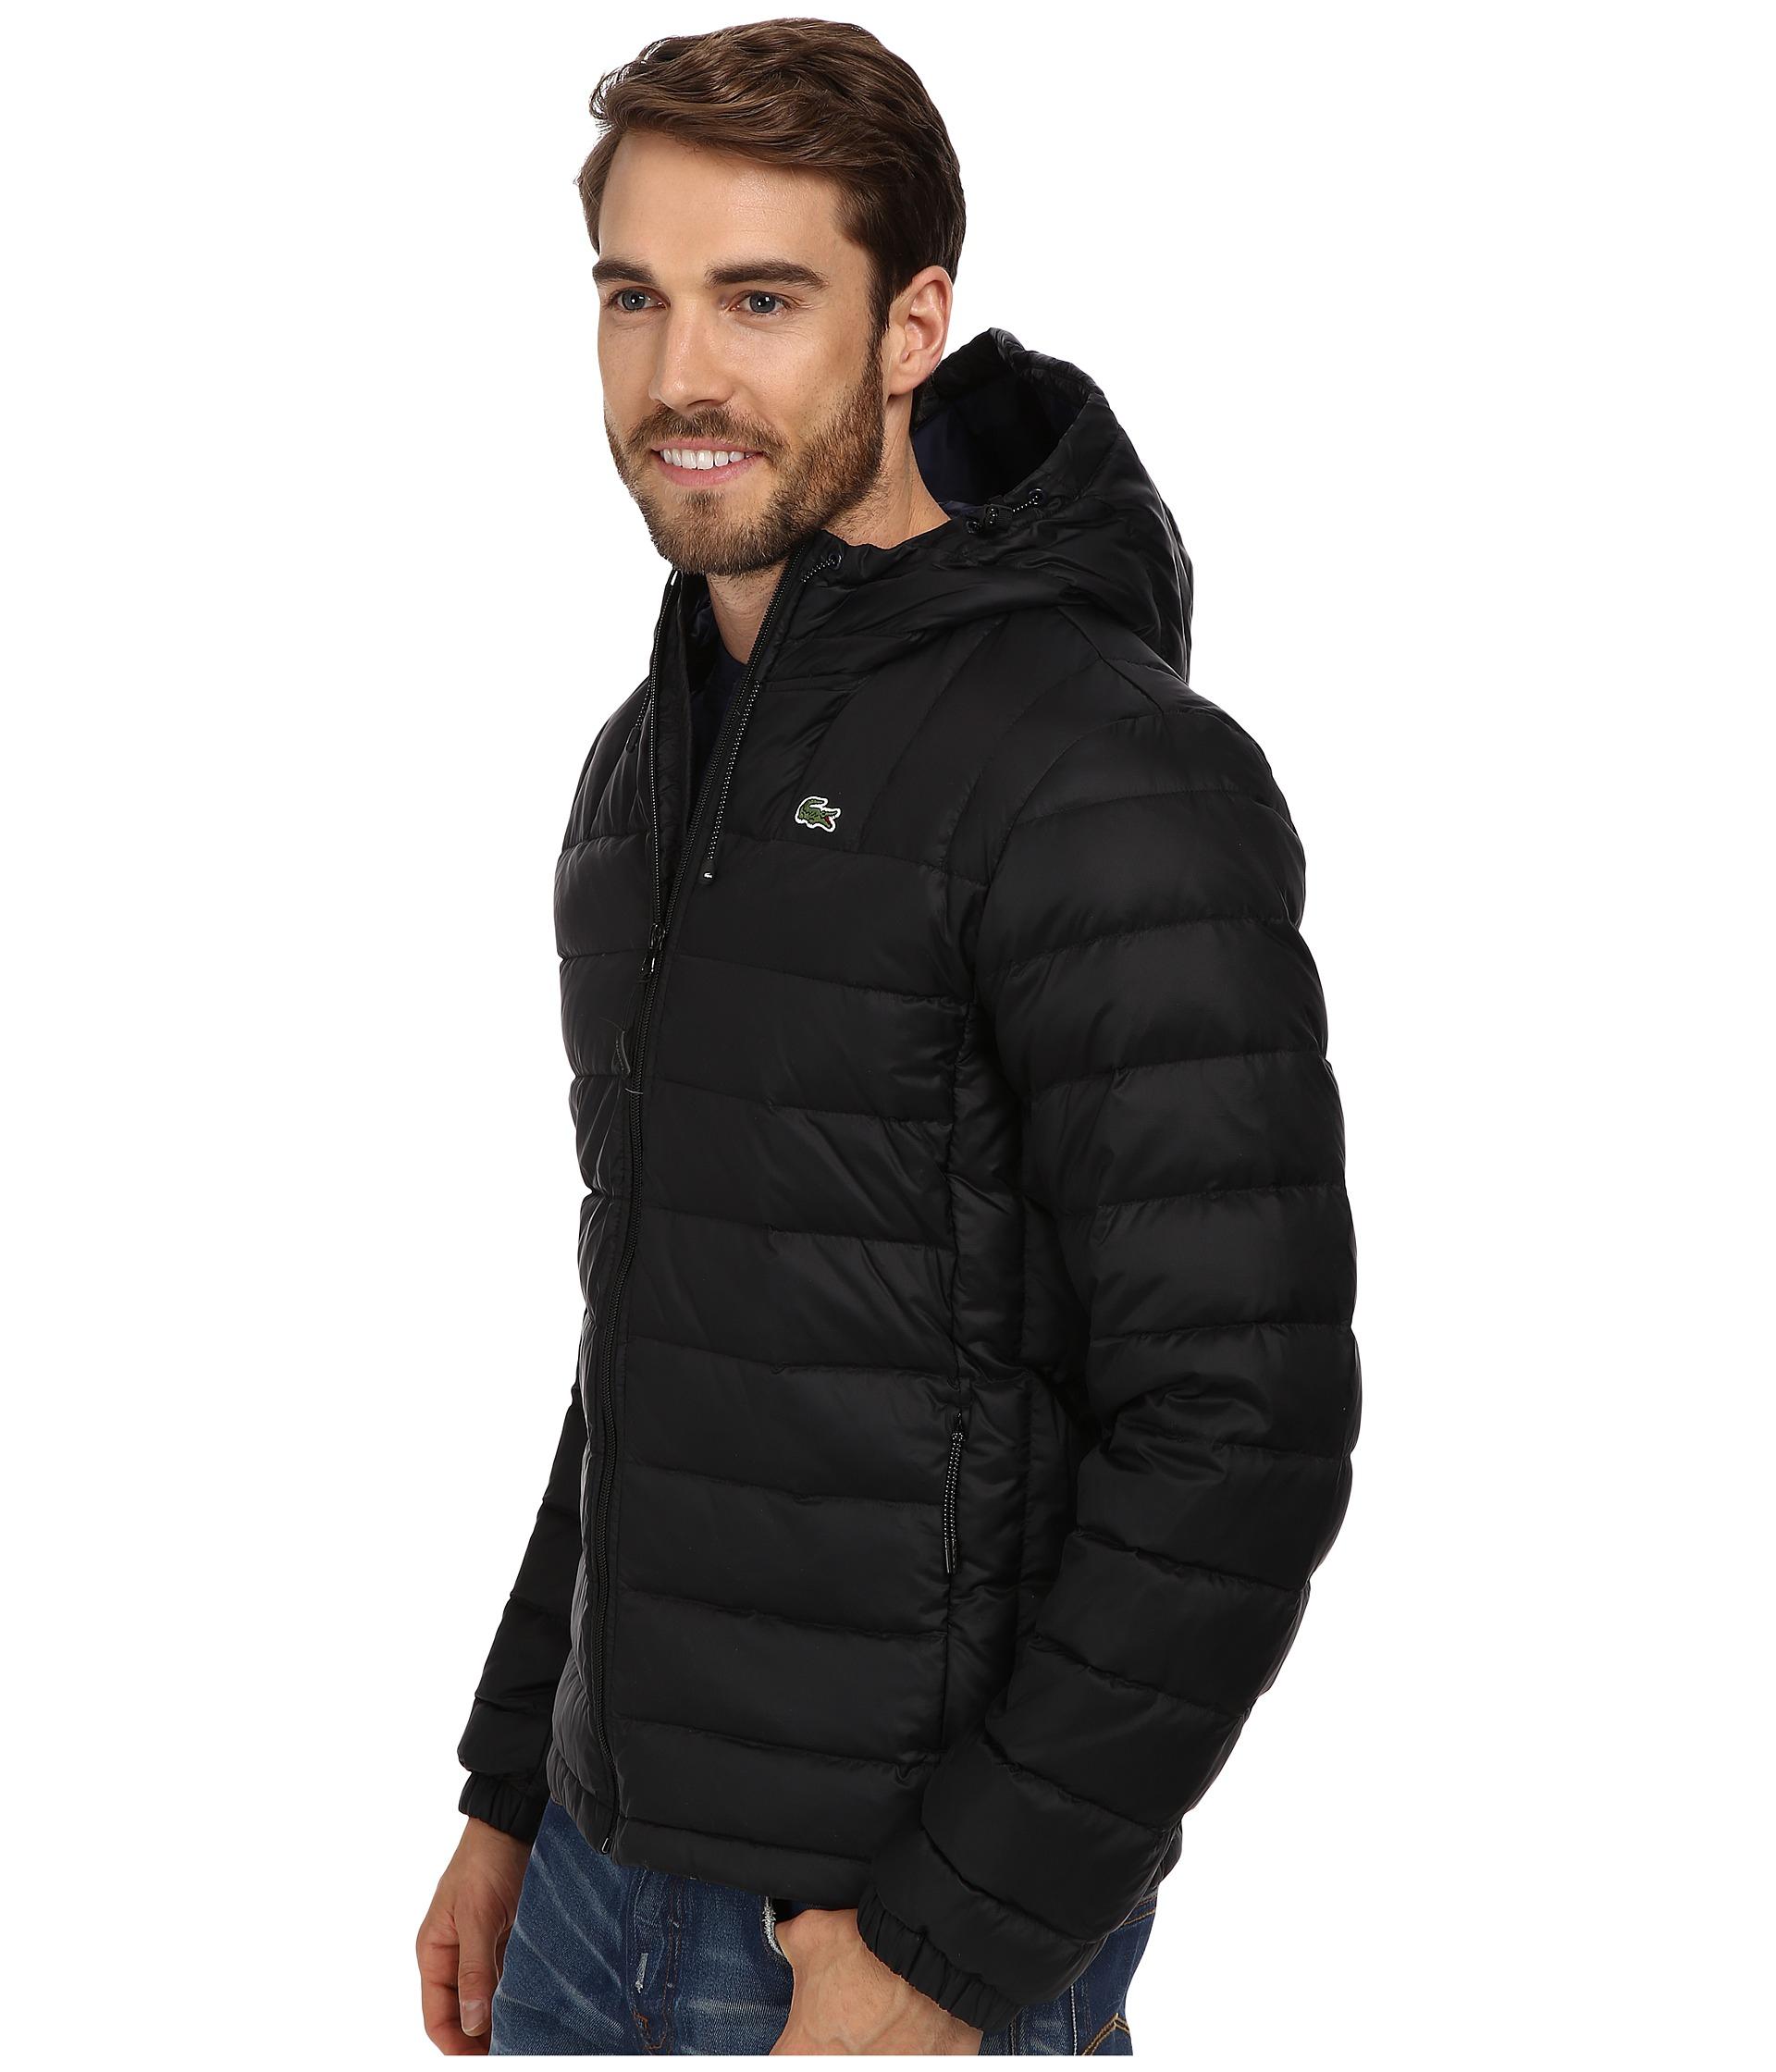 lacoste packable down jacket in black for men lyst. Black Bedroom Furniture Sets. Home Design Ideas